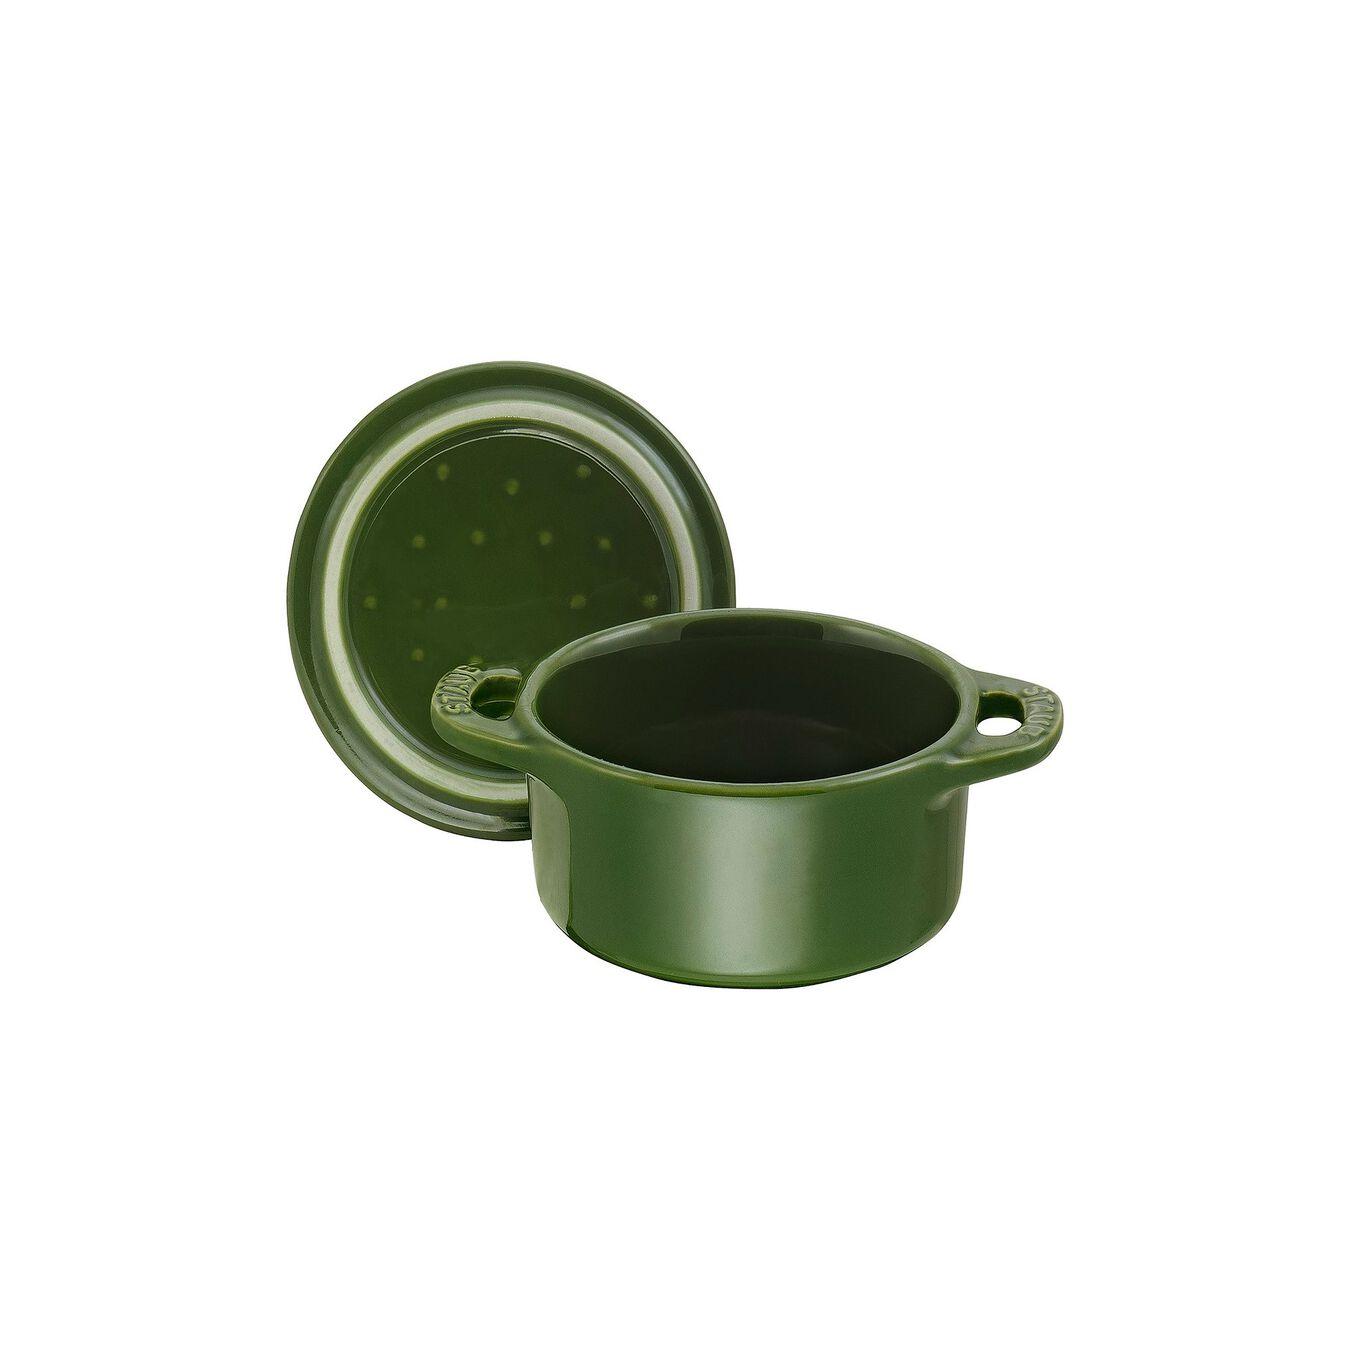 Mini cocotte rotonda - 10 cm, basilico,,large 2